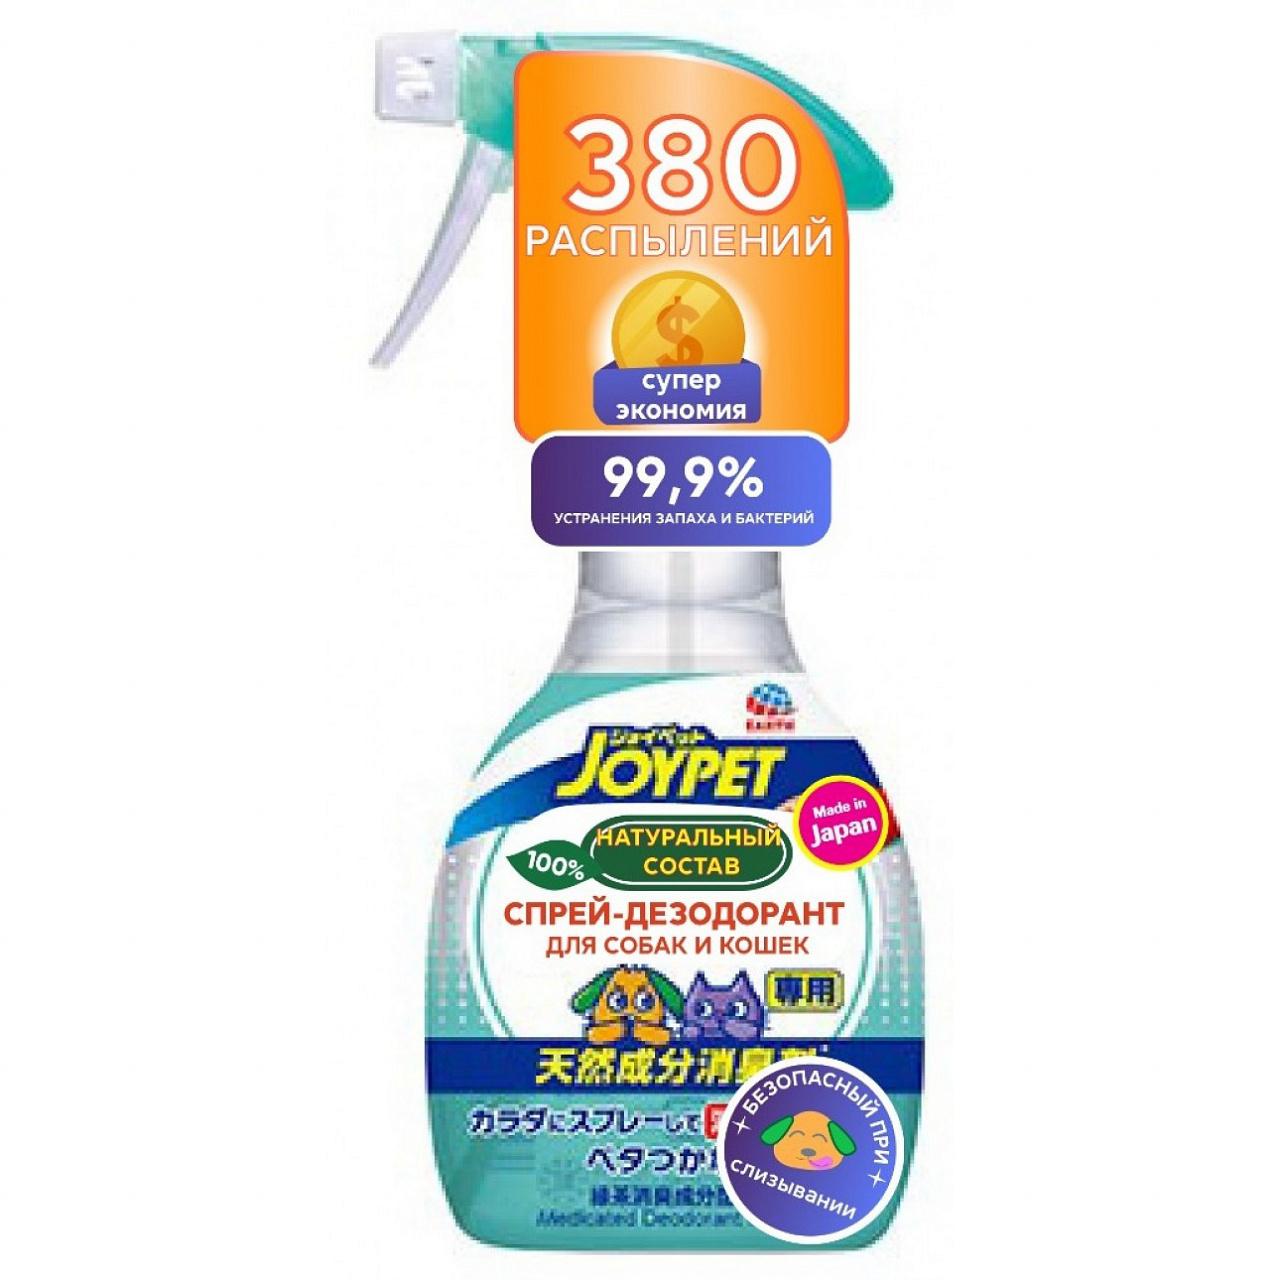 373174 - Натуральный дезодорант для собак для устранения неприятных запахов (270 мл)